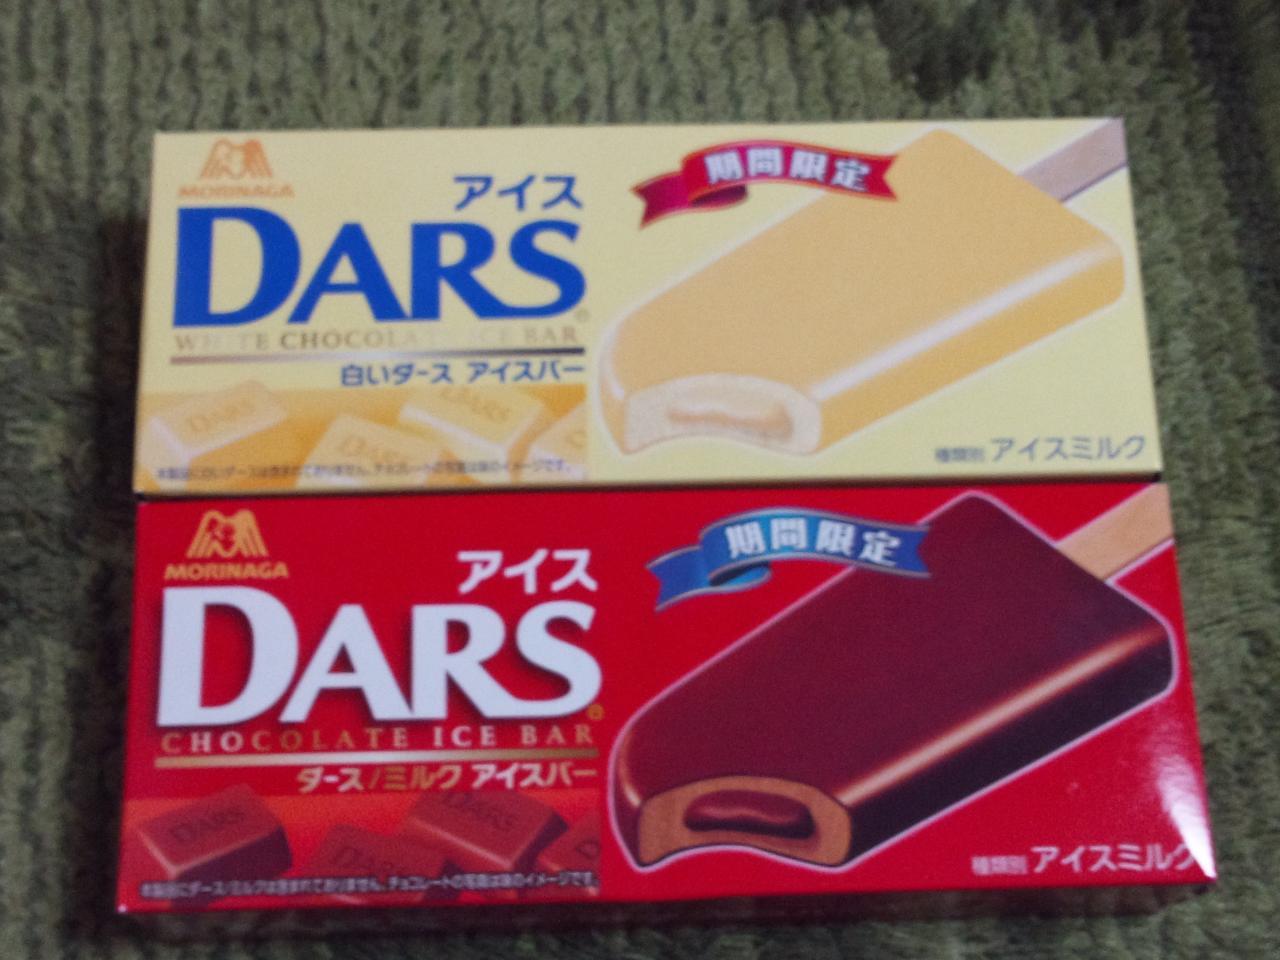 DARSのアイスクリーム